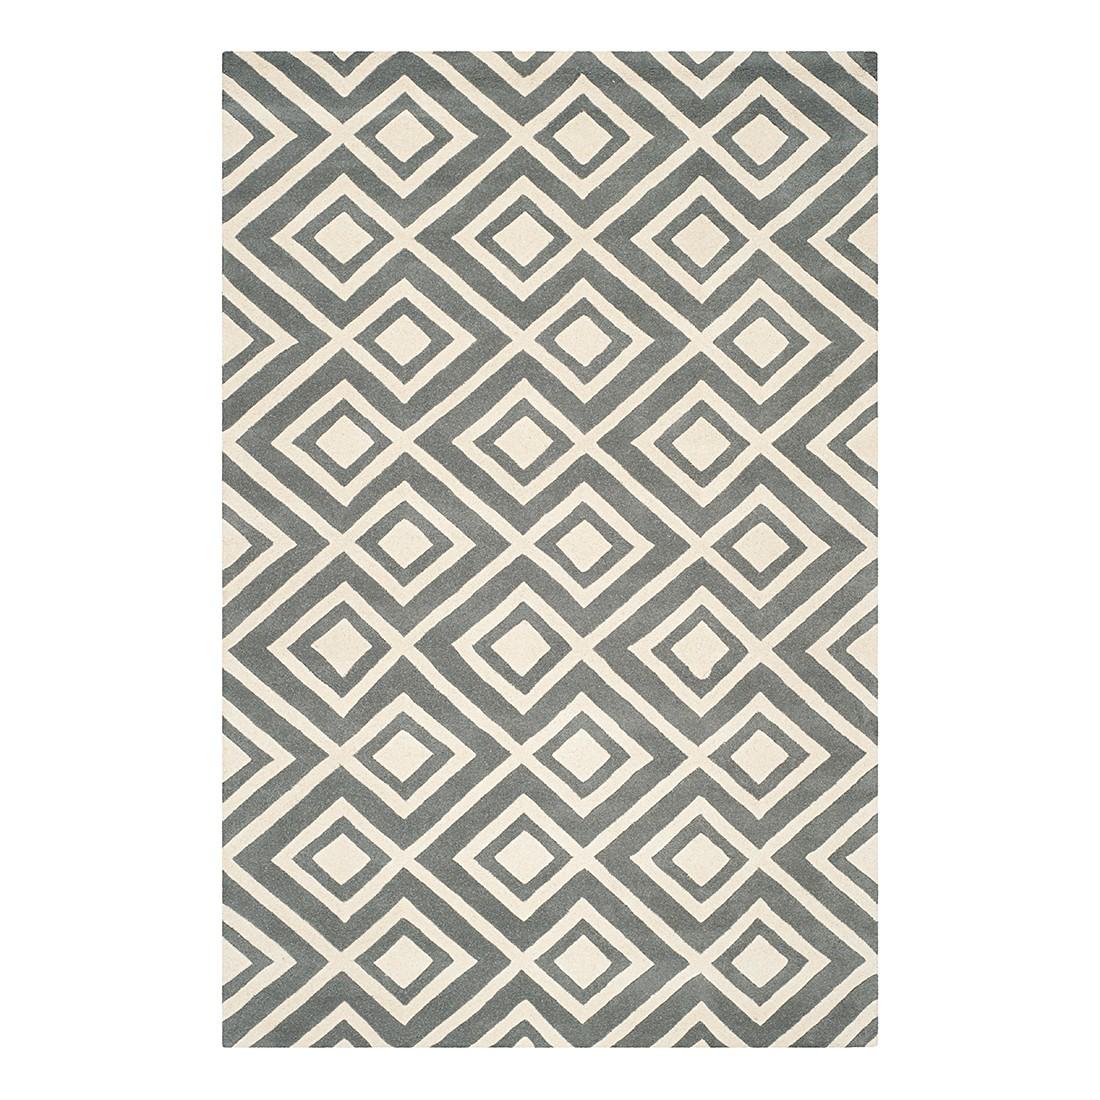 Teppich Sloane – Grau/Creme – 183 x 275 cm, Safavieh online bestellen